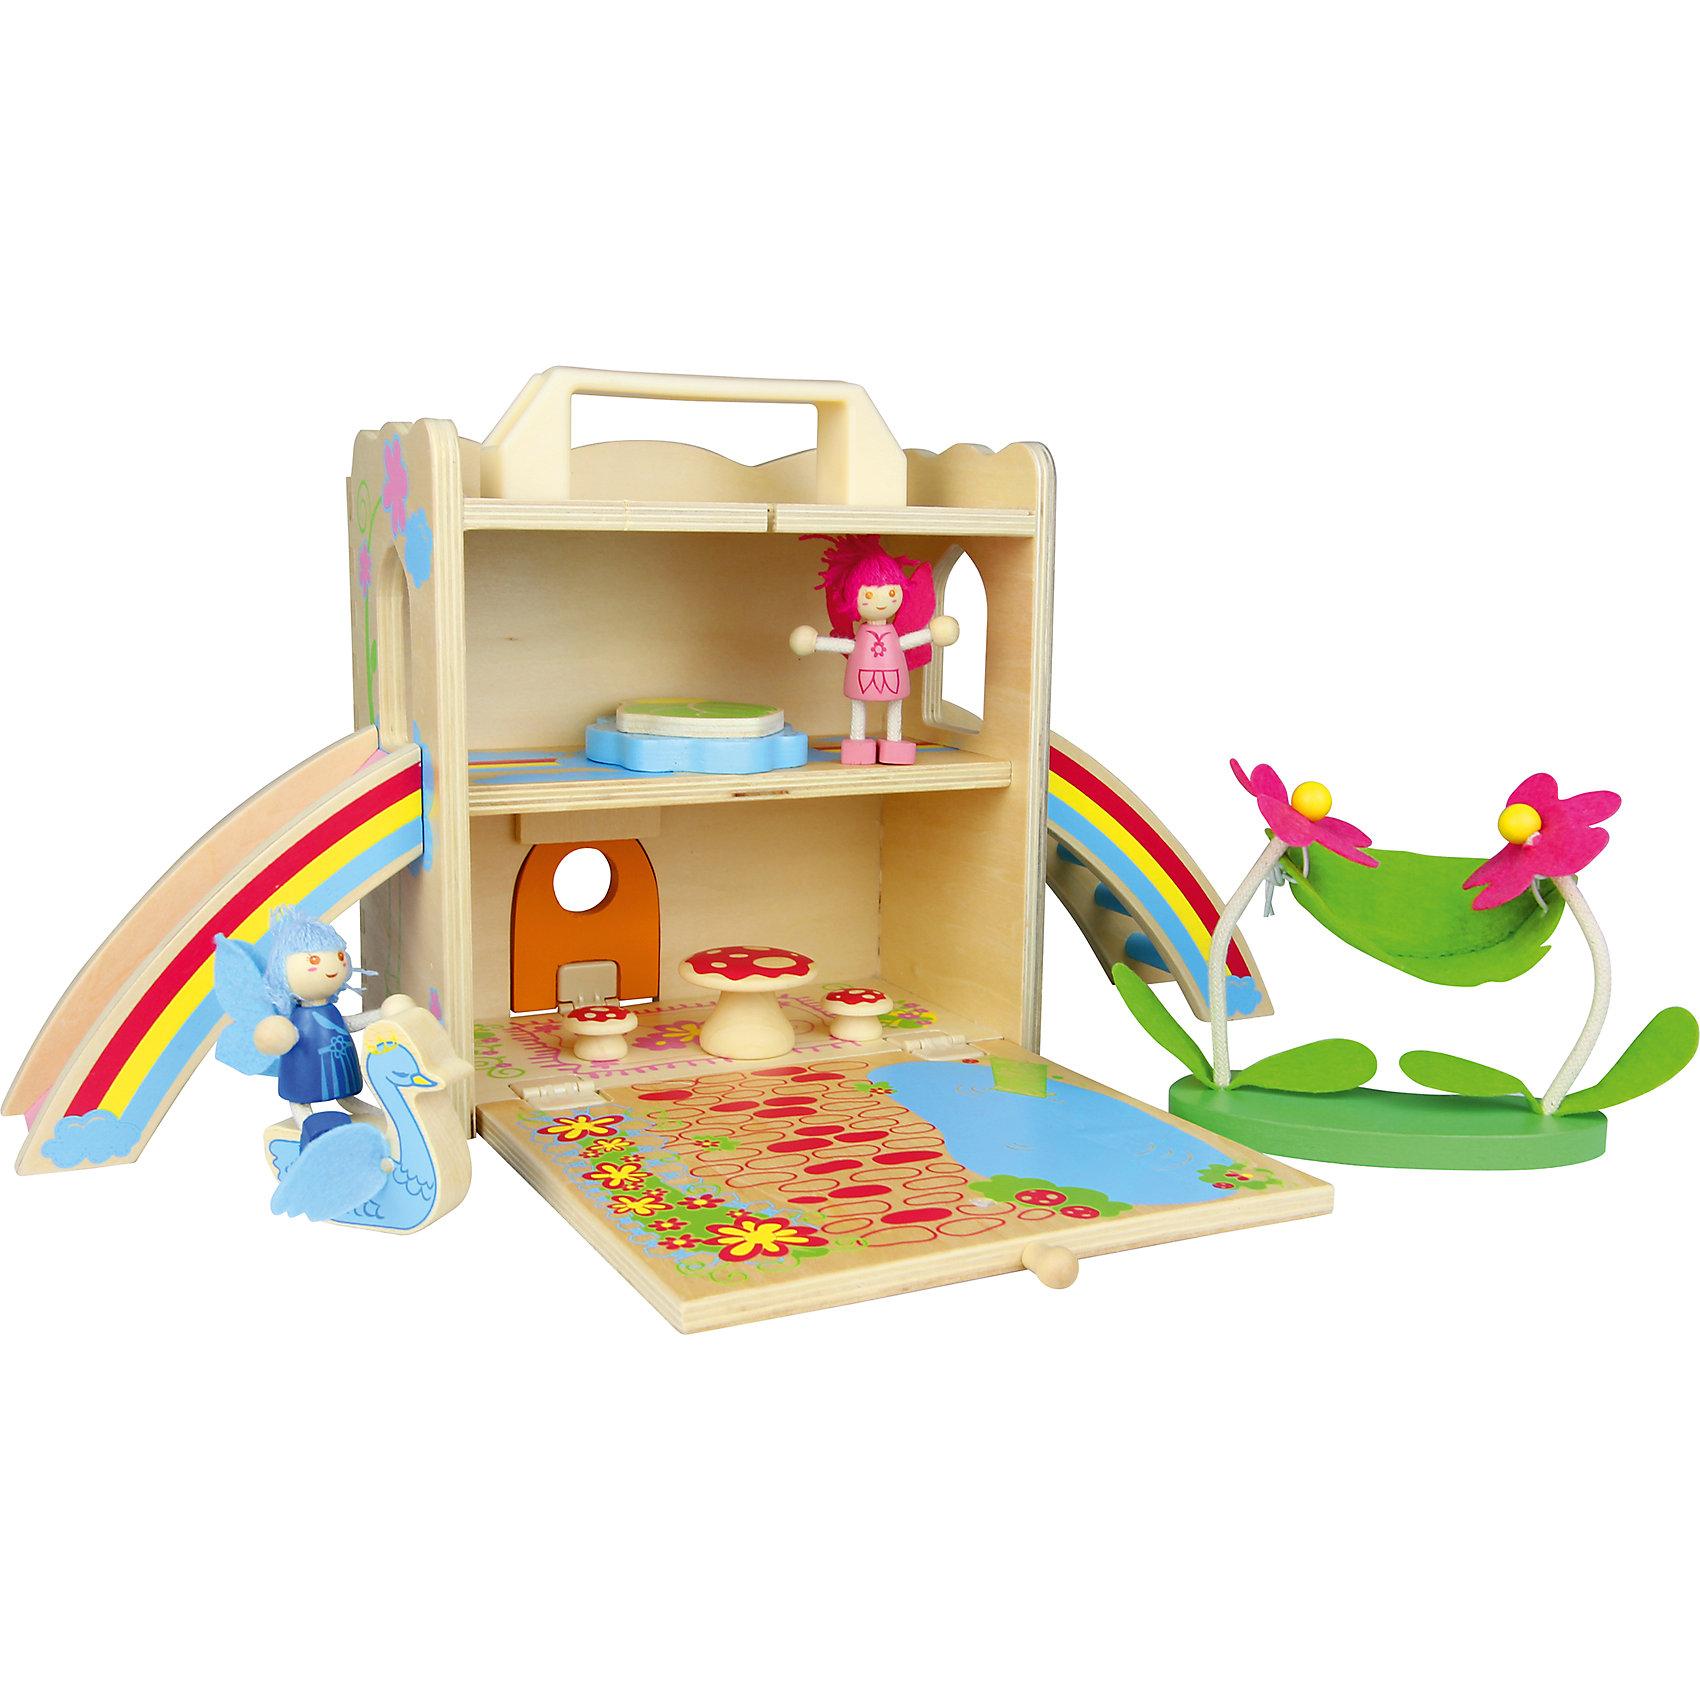 Игровой набор  Домик феи, ZenitДеревянные куклы, домики и мебель<br>Набор Домик феи, Zenit, со множеством игровых возможностей обязательно понравится Вашей девочке. Компания Zenit Wooden Toys - всемирно известный производитель высококачественных товаров из дерева. Все детские товары этой марки отвечают самым высоким стандартам качества и безопасности. Набор выполнен в виде компактного деревянного сундучка с ручкой, который раскладываясь, превращается в чудесный сказочный домик с цветочной полянкой и прудом. На первом этаже домика размещается просторная гостиная, на втором - уютная спальня, из которой можно попасть на улицу, скатившись по горке-радуге. В комплект также входят две фигурка фей и различные аксессуары, которые сделают игру еще интереснее: фантастическая мебель в виде грибов, фигурка лебедя, лужайка с двумя цветочками и подвешенным<br>между ними гамаком.<br><br>Дополнительная информация:<br><br>- В комплекте: домик, две фигурки, мебель, аксессуары.<br>- Материал: древесина, ДСП, текстиль.<br>- Размер упаковки: 23 х 21 х 11,5 см. <br>- Вес: 2 кг. <br><br>Игровой набор Домик феи, Zenit, можно купить в нашем интернет-магазине.<br><br>Ширина мм: 230<br>Глубина мм: 210<br>Высота мм: 115<br>Вес г: 2000<br>Возраст от месяцев: 36<br>Возраст до месяцев: 96<br>Пол: Женский<br>Возраст: Детский<br>SKU: 4248705